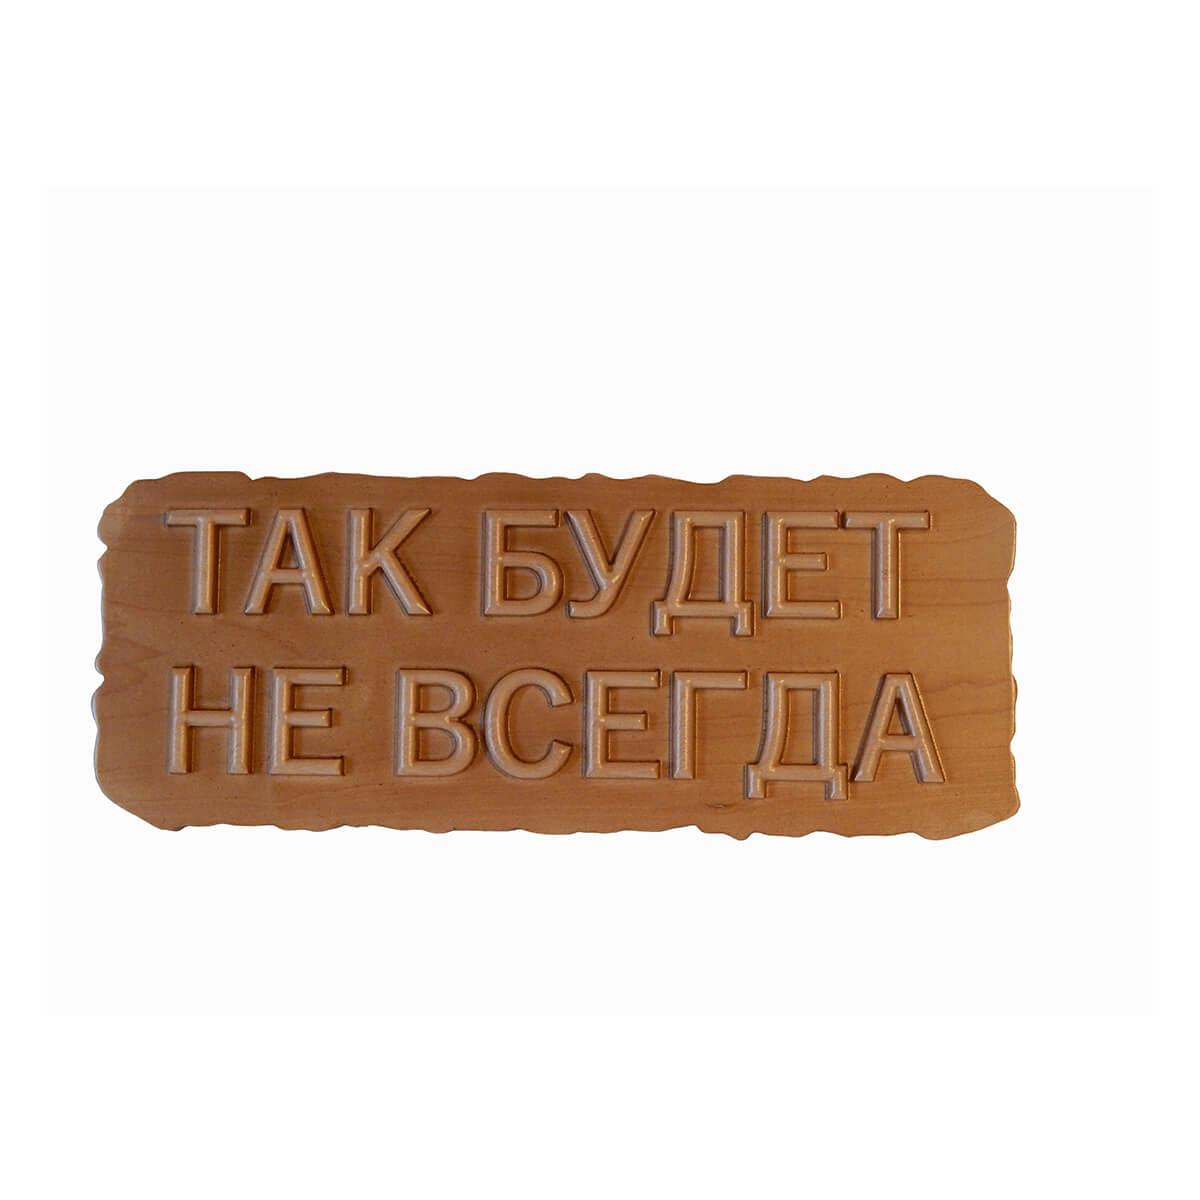 Мотивирующая резная табличка из дерева